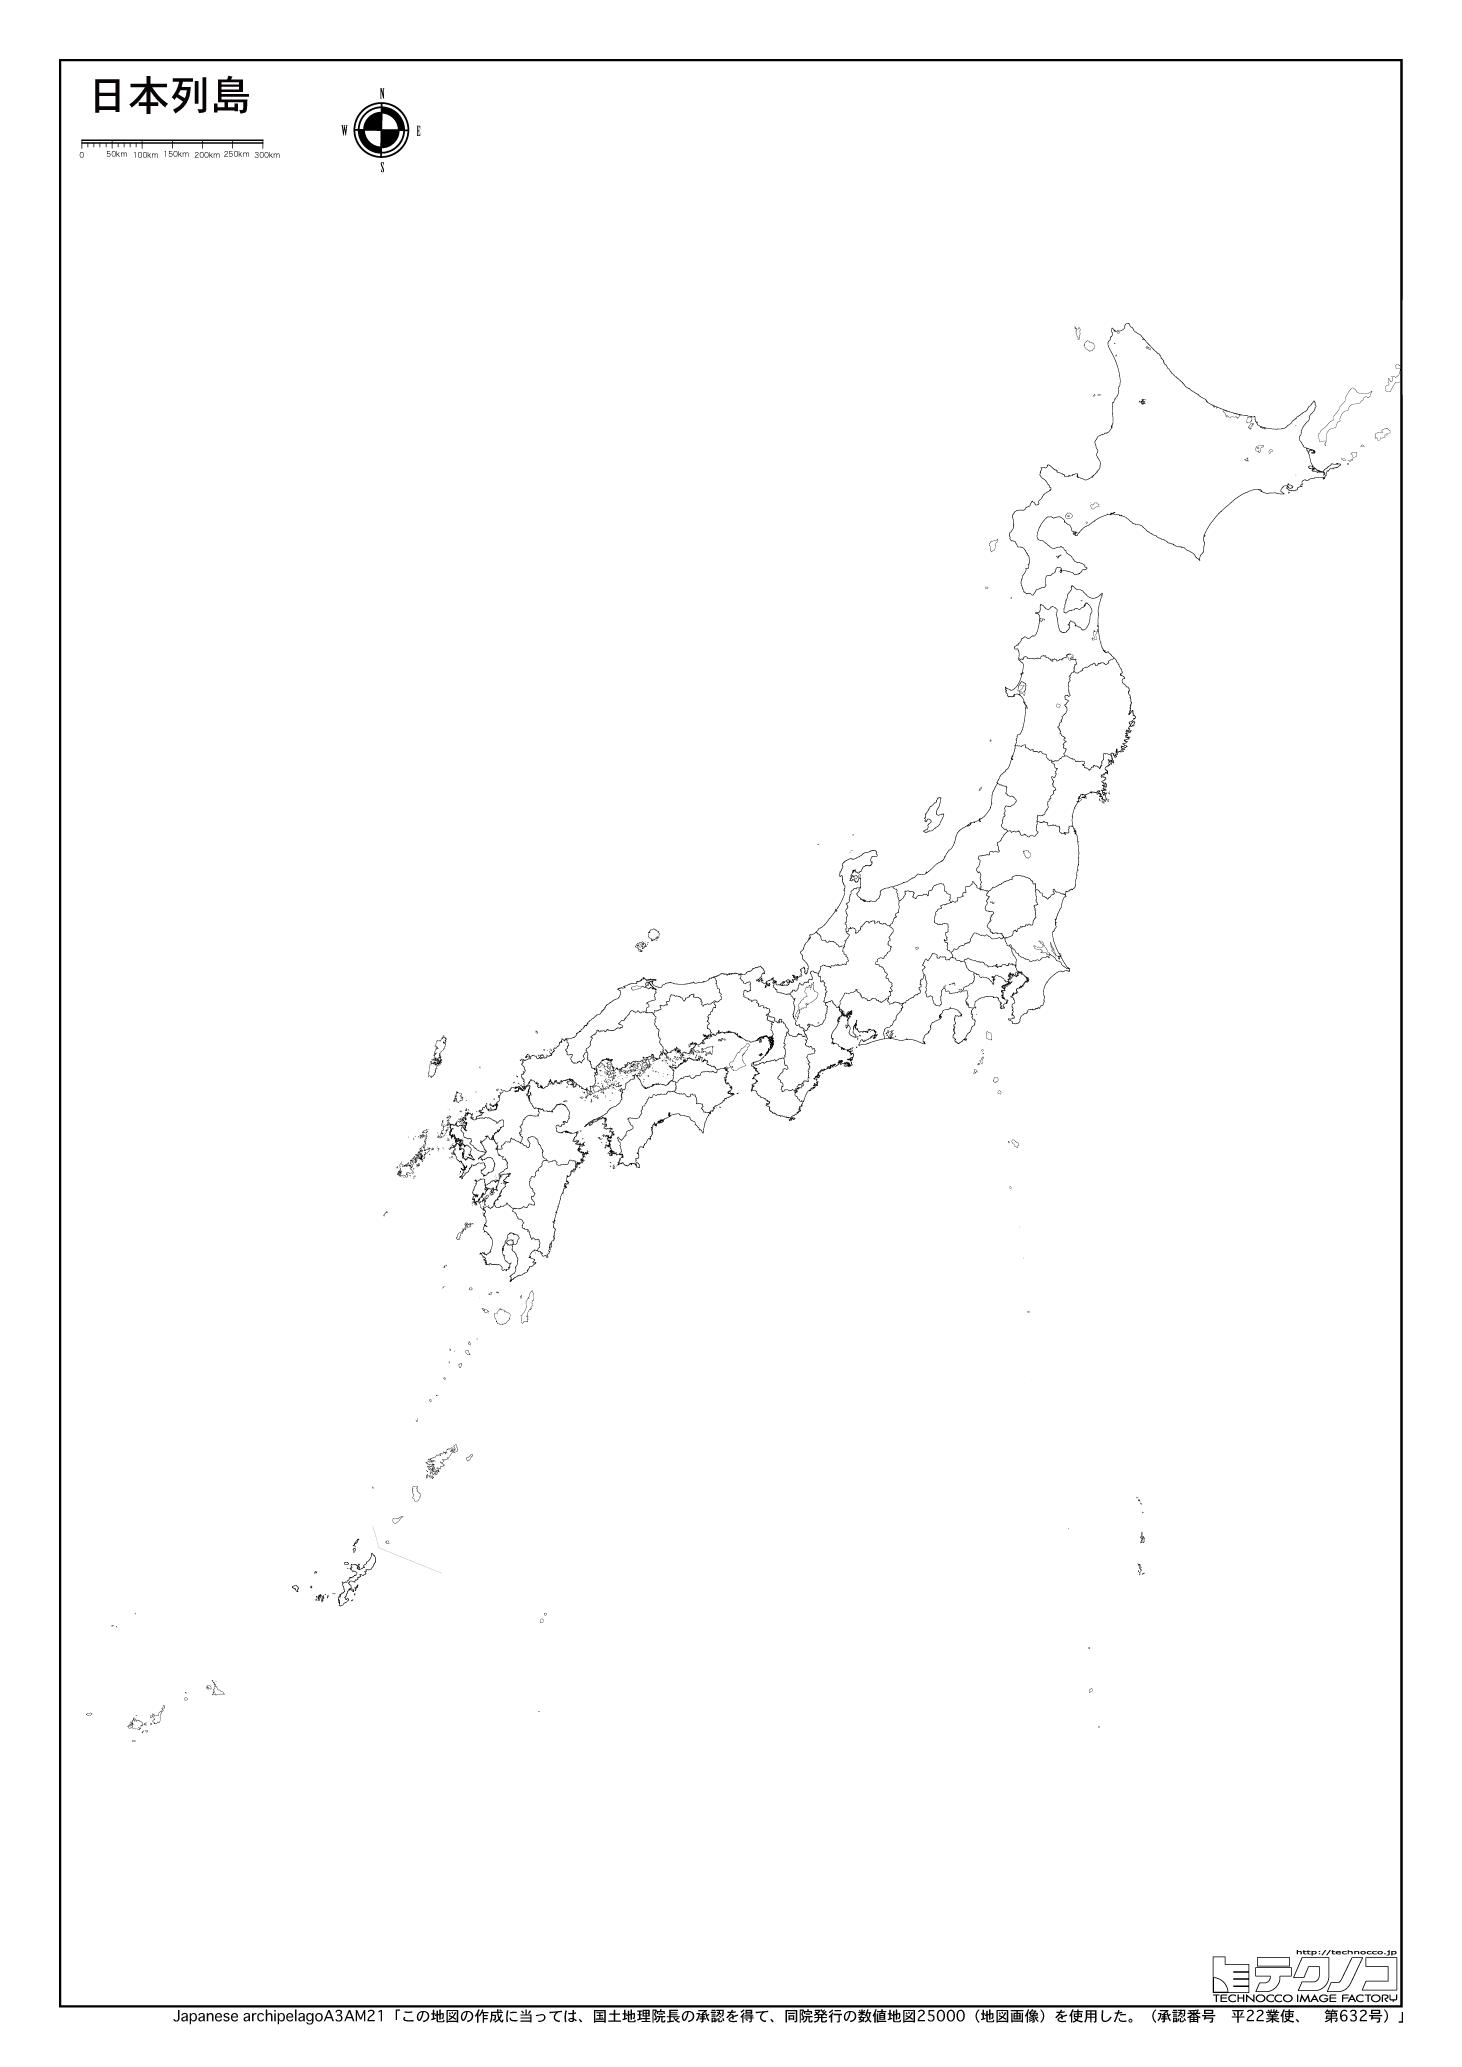 日本列島の白地図9 日本列島の白地図 日本列島 Outline Map of NIPPON トッ